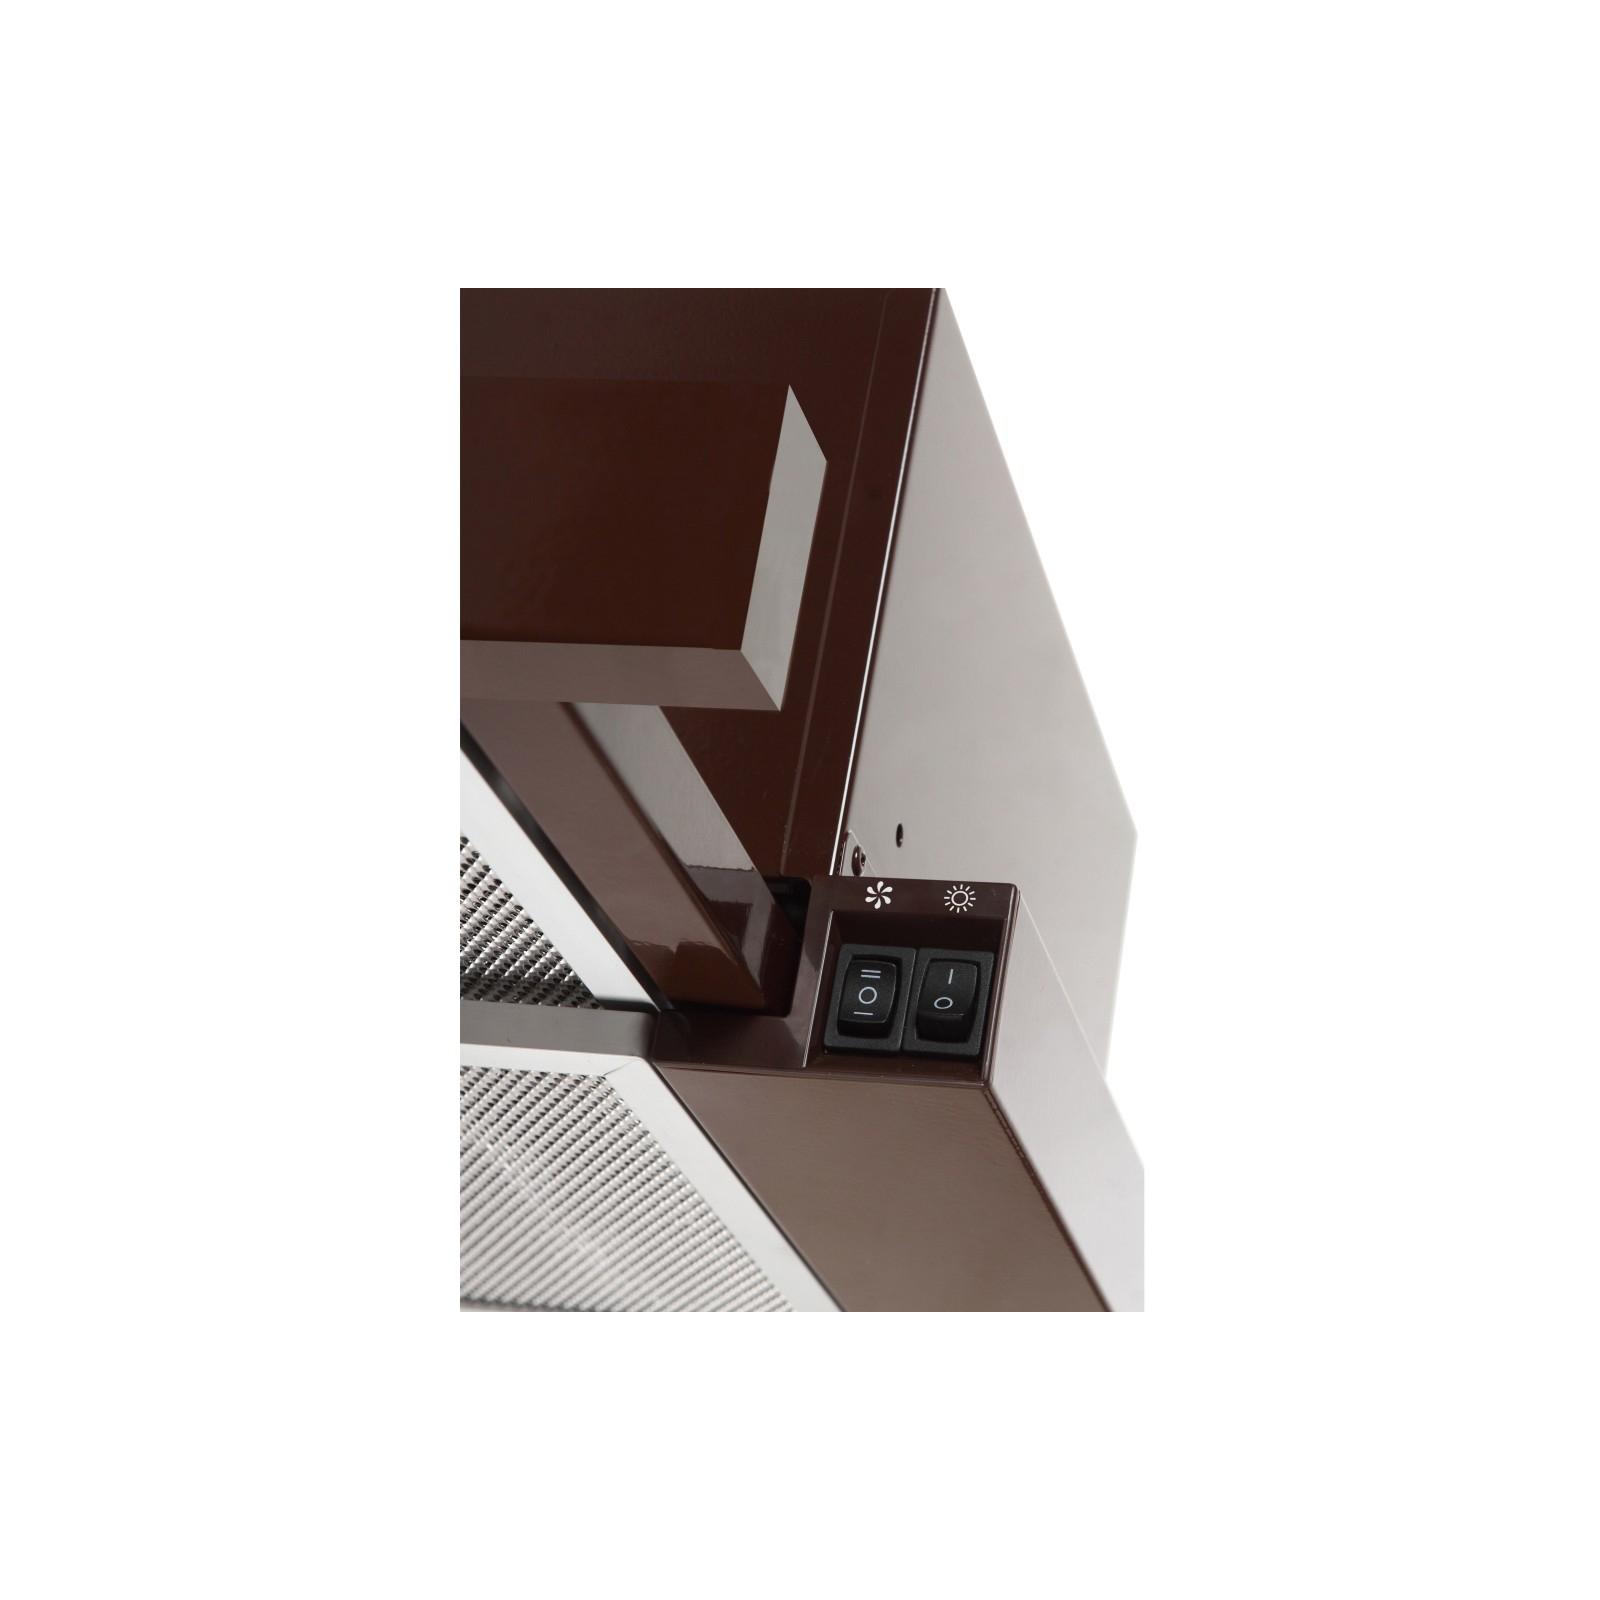 Вытяжка кухонная Eleyus Cyclon 700 60 BL изображение 11